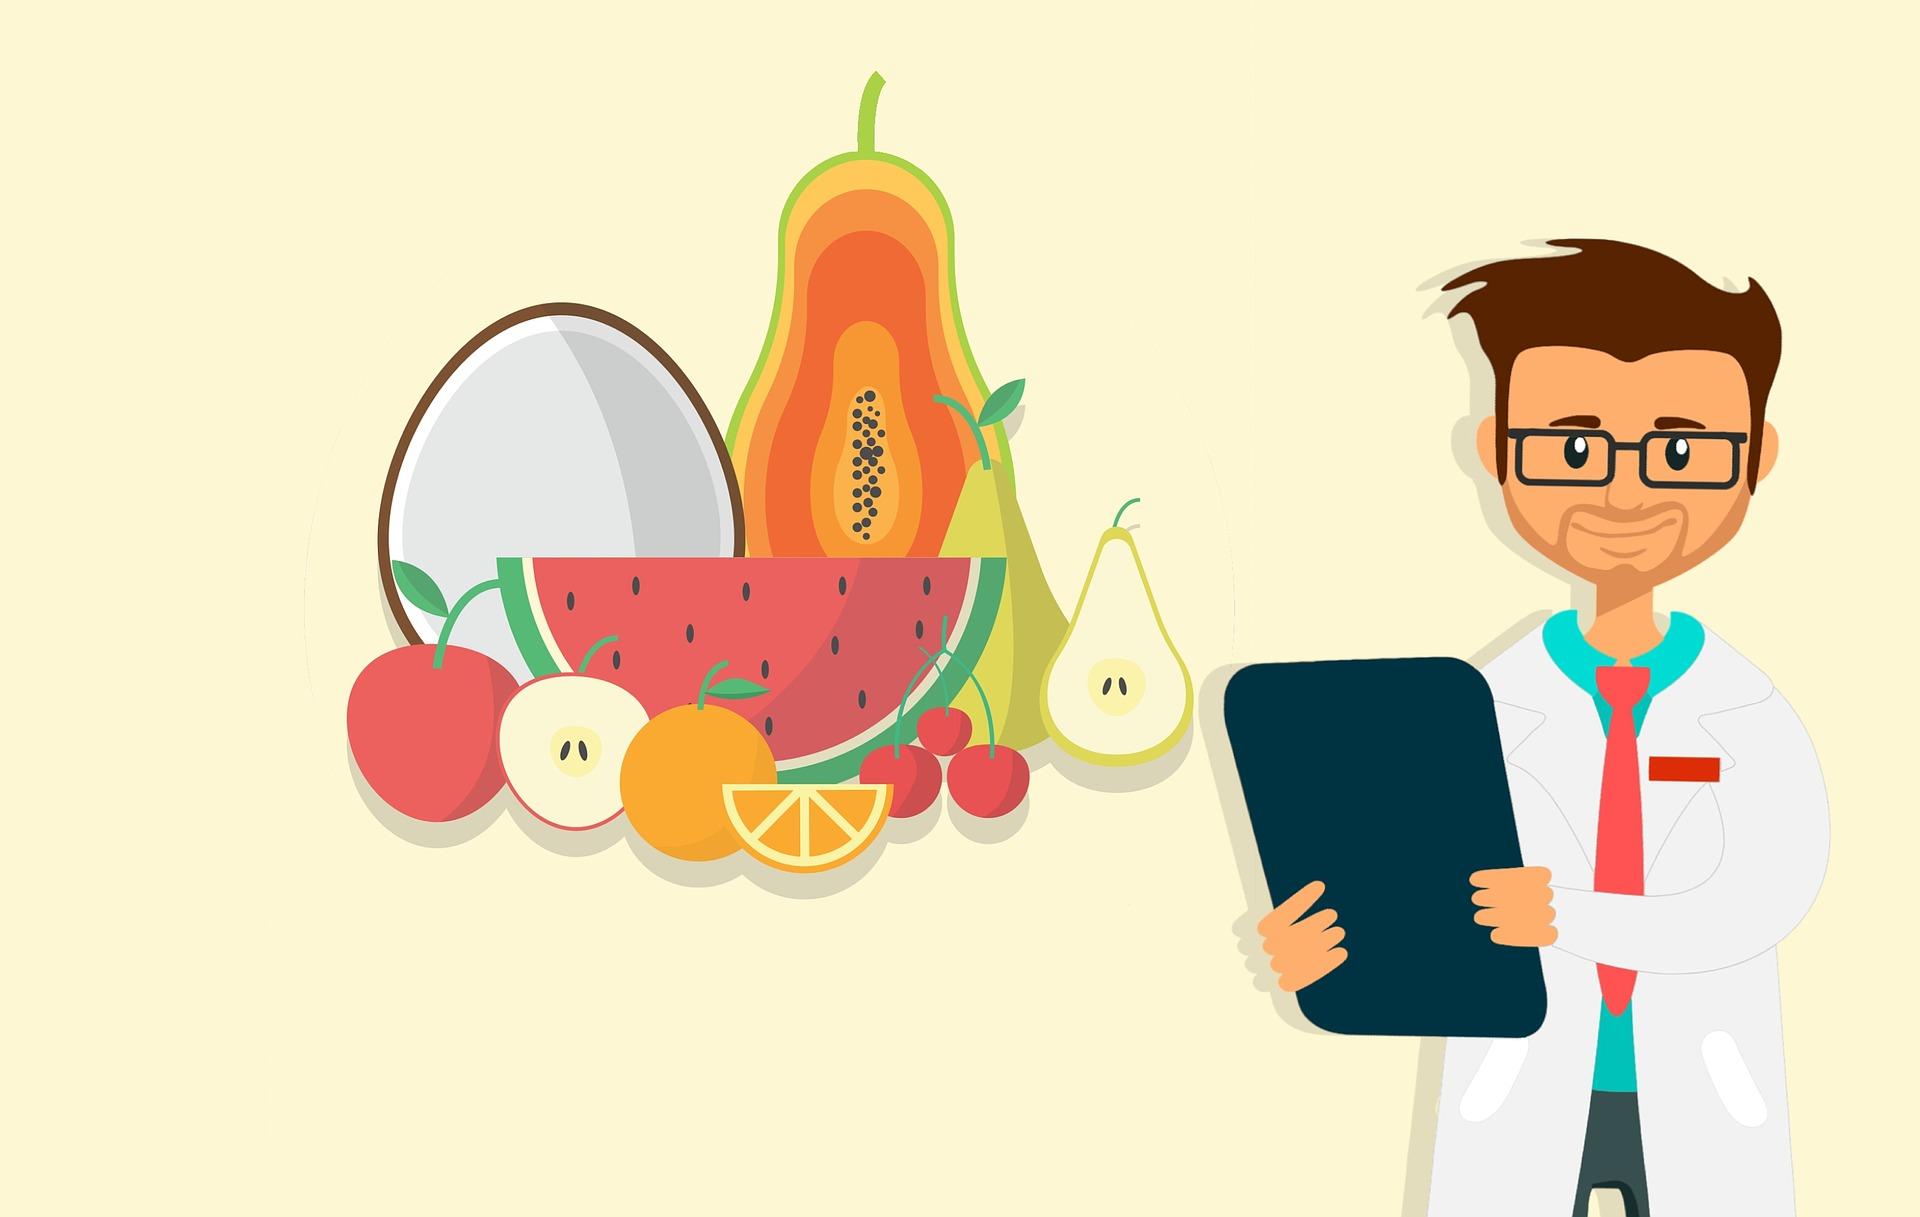 dietista, dietologo, nutrizionista